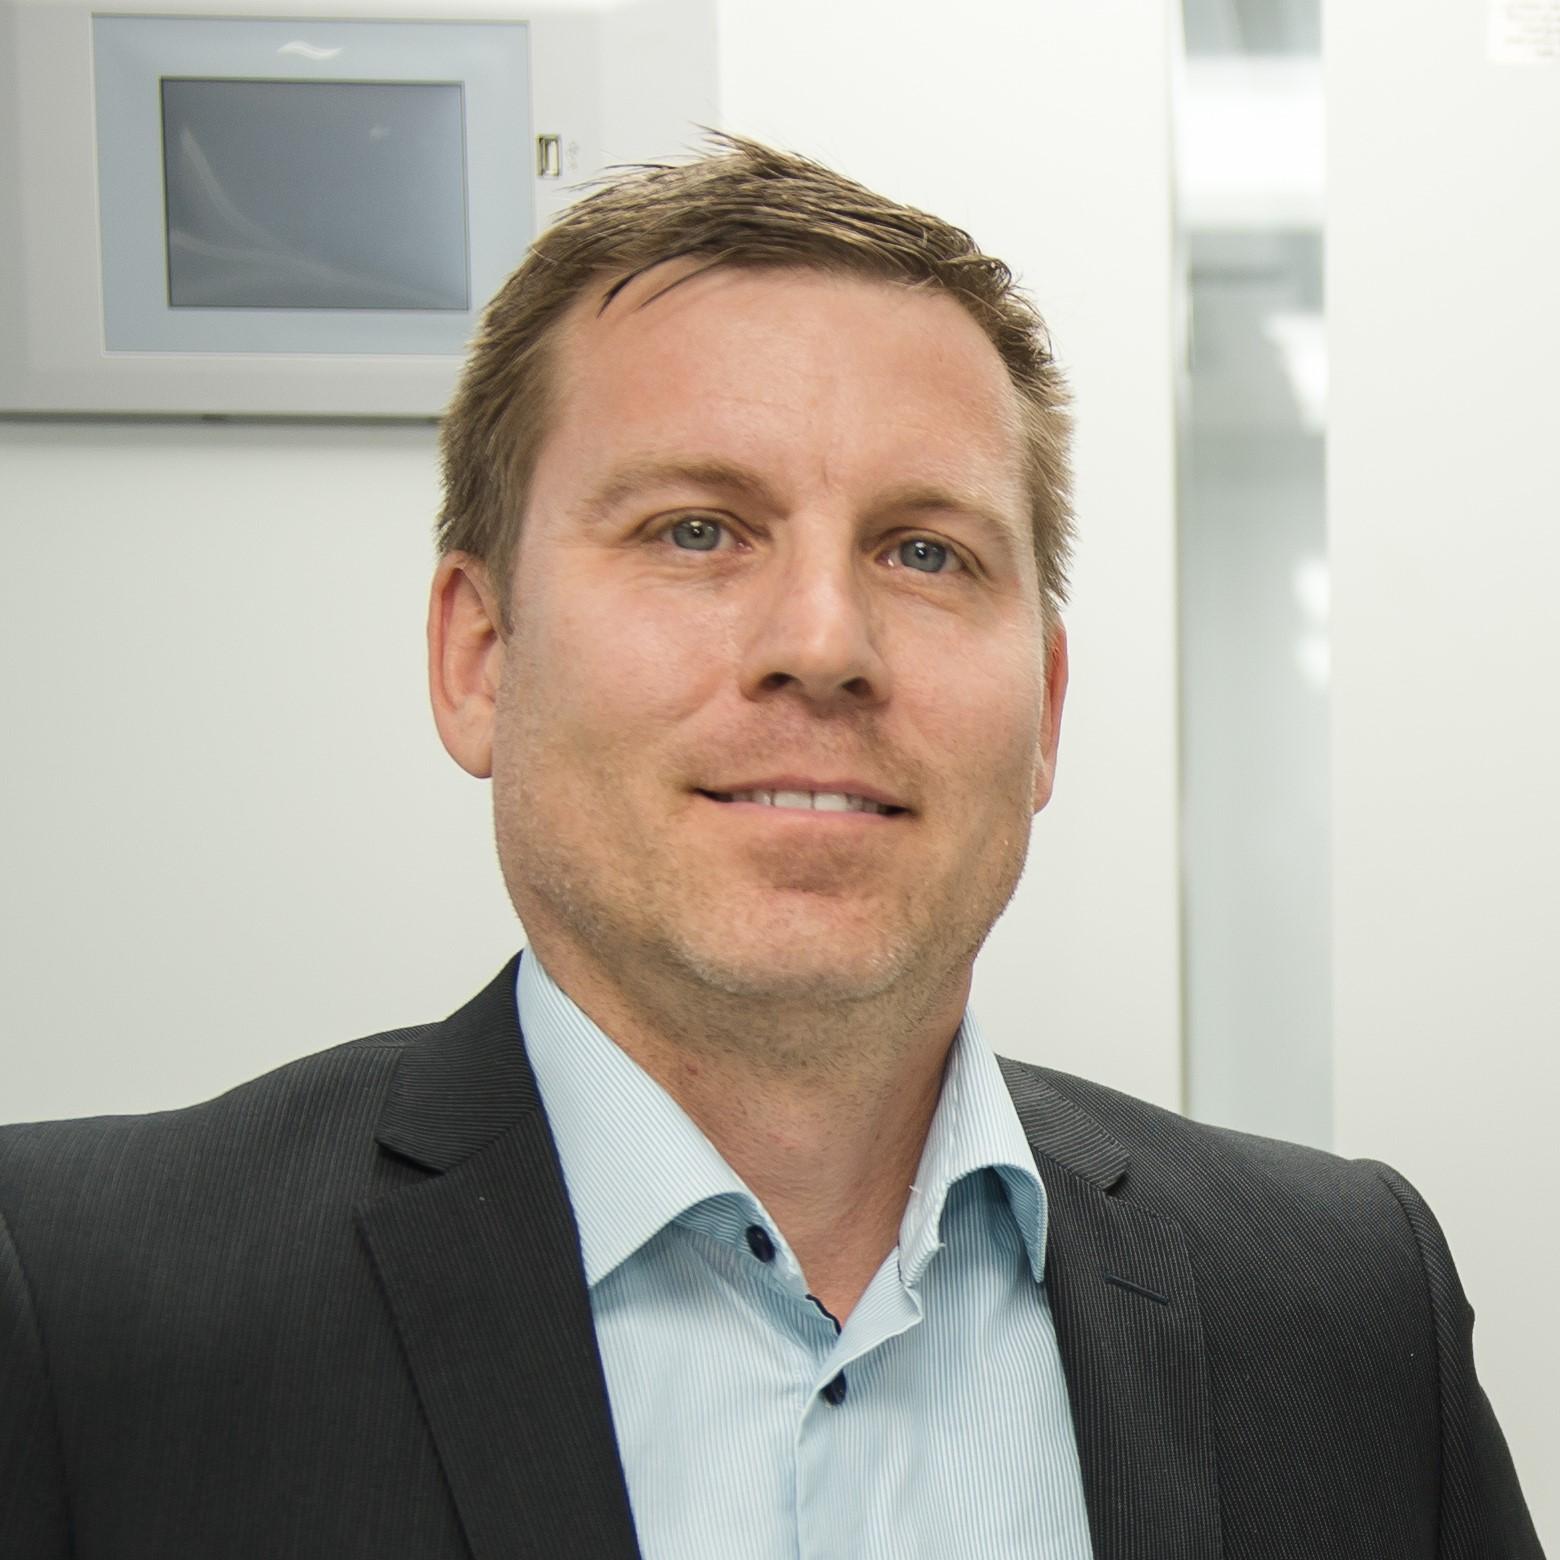 Niels-Bjarne Woods, PhD